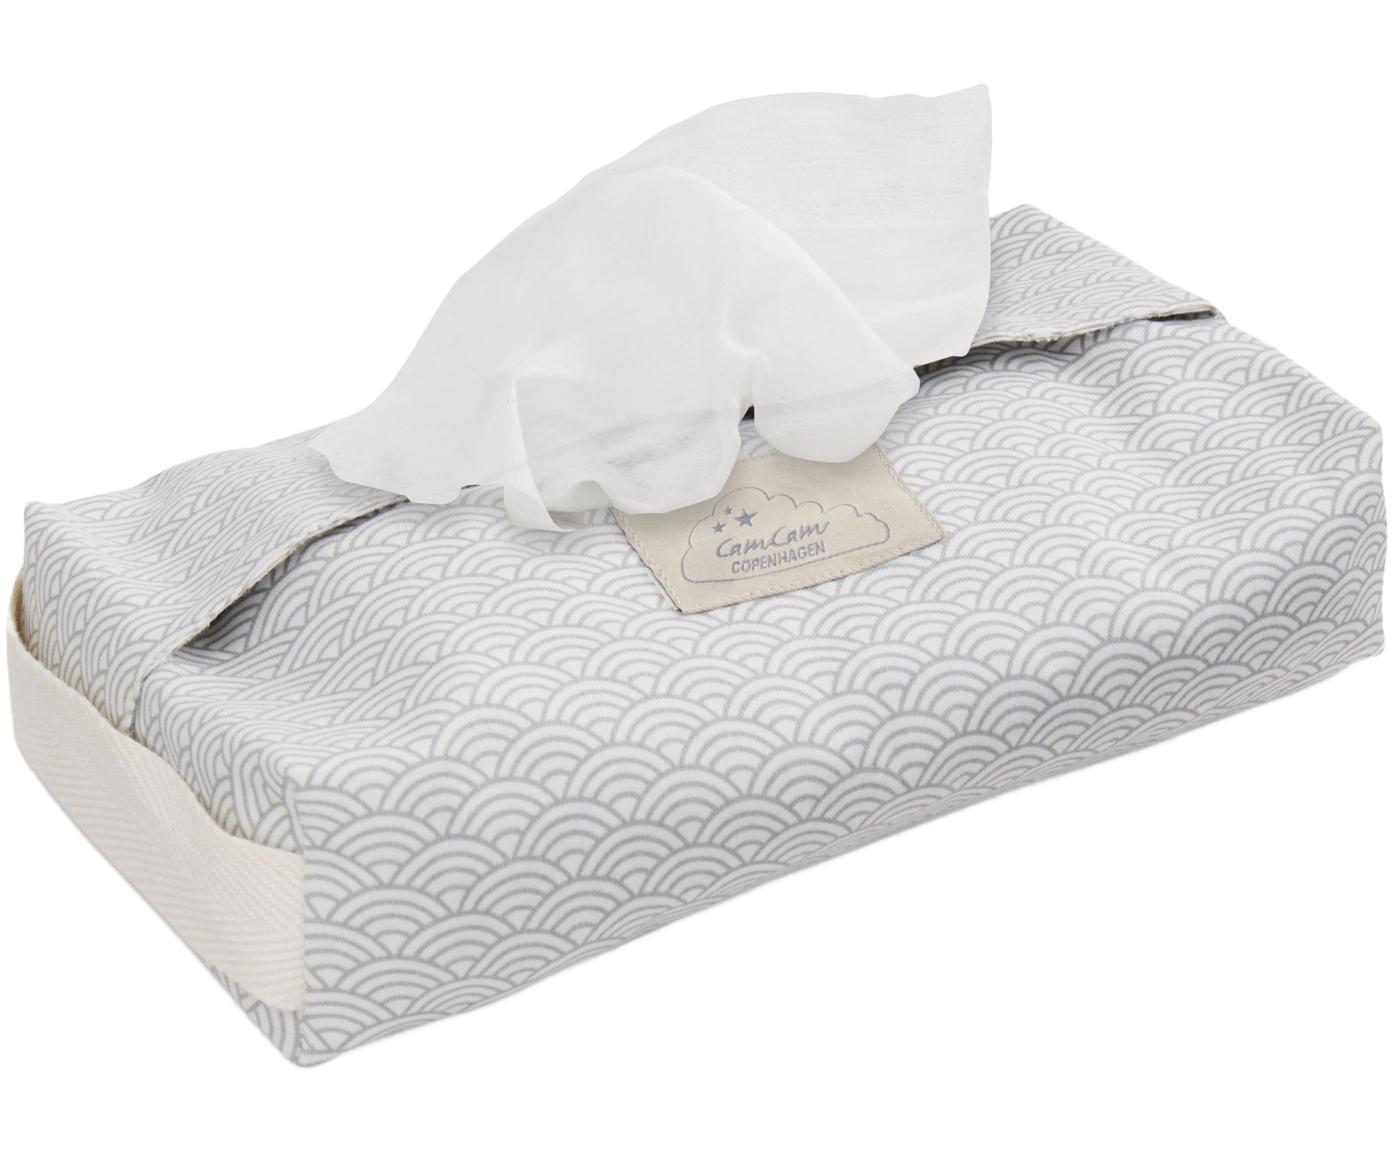 Porta salviettine in cotone organico Wave, Cotone organico, certificato GOTS, Grigio, bianco, Larg. 25 x Prof. 17 cm